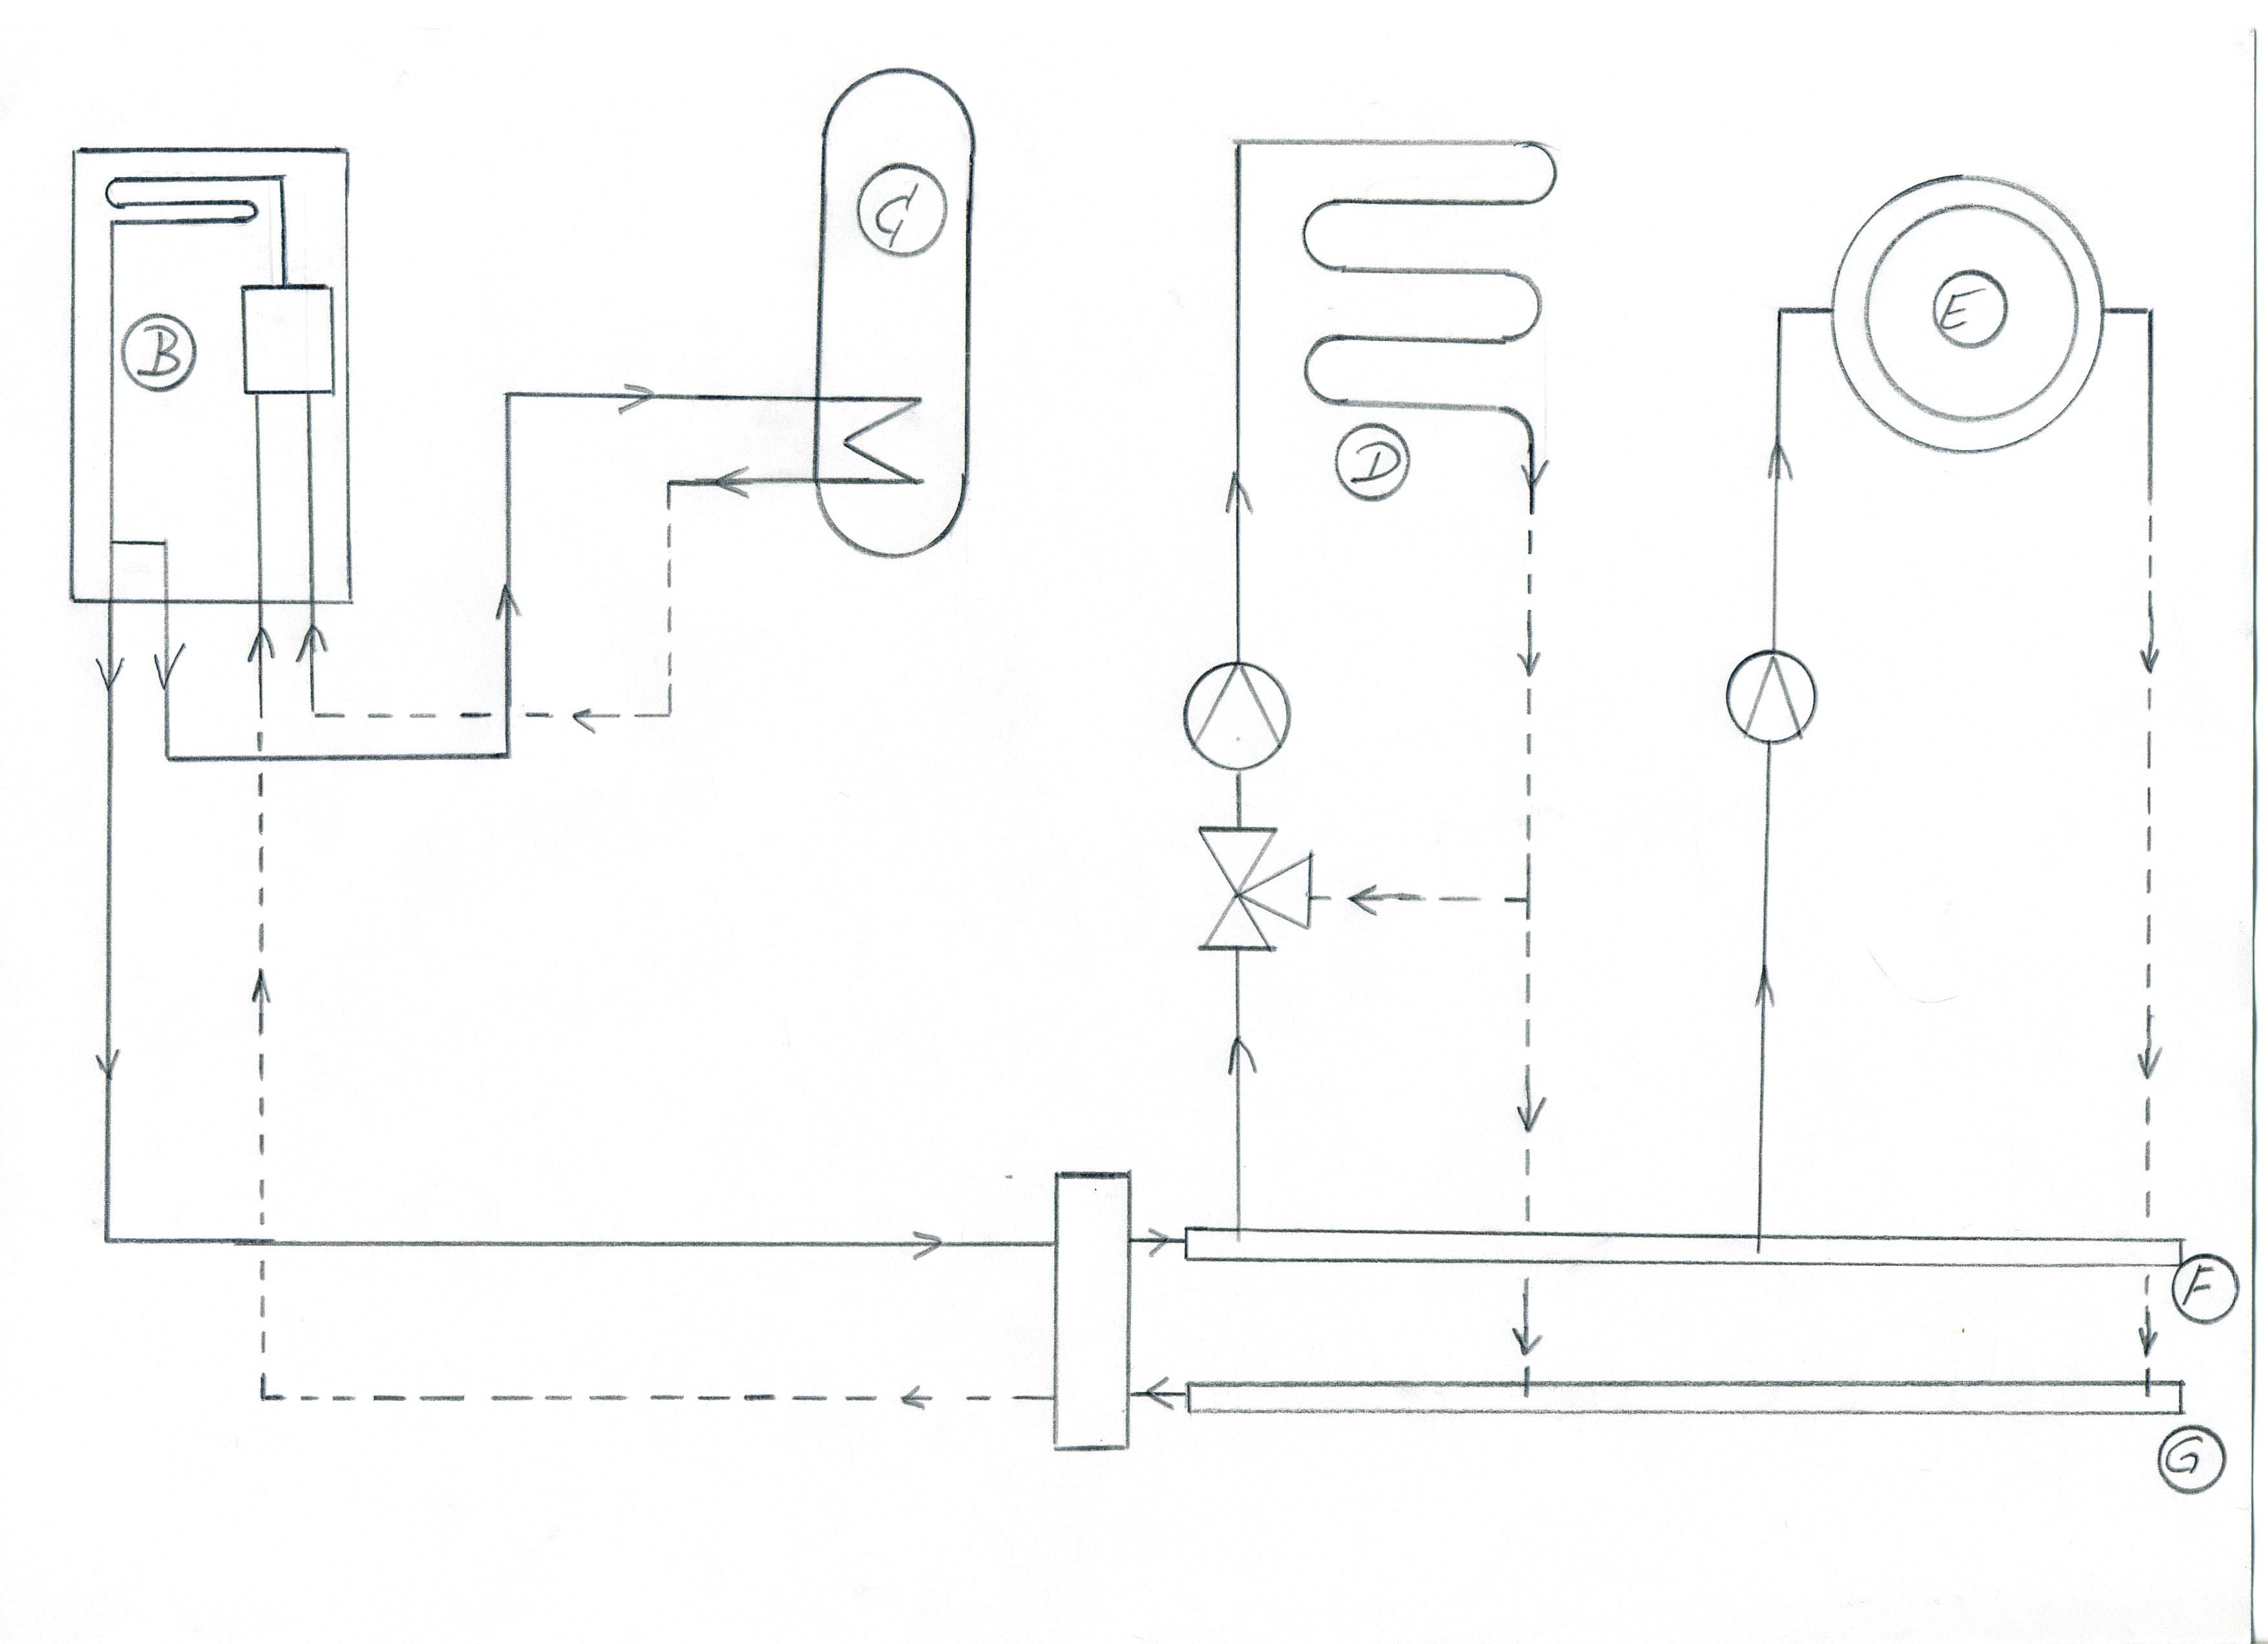 fu bodenheizung berechnen online hydraulischer abgleich fu bodenheizung online berechnen. Black Bedroom Furniture Sets. Home Design Ideas